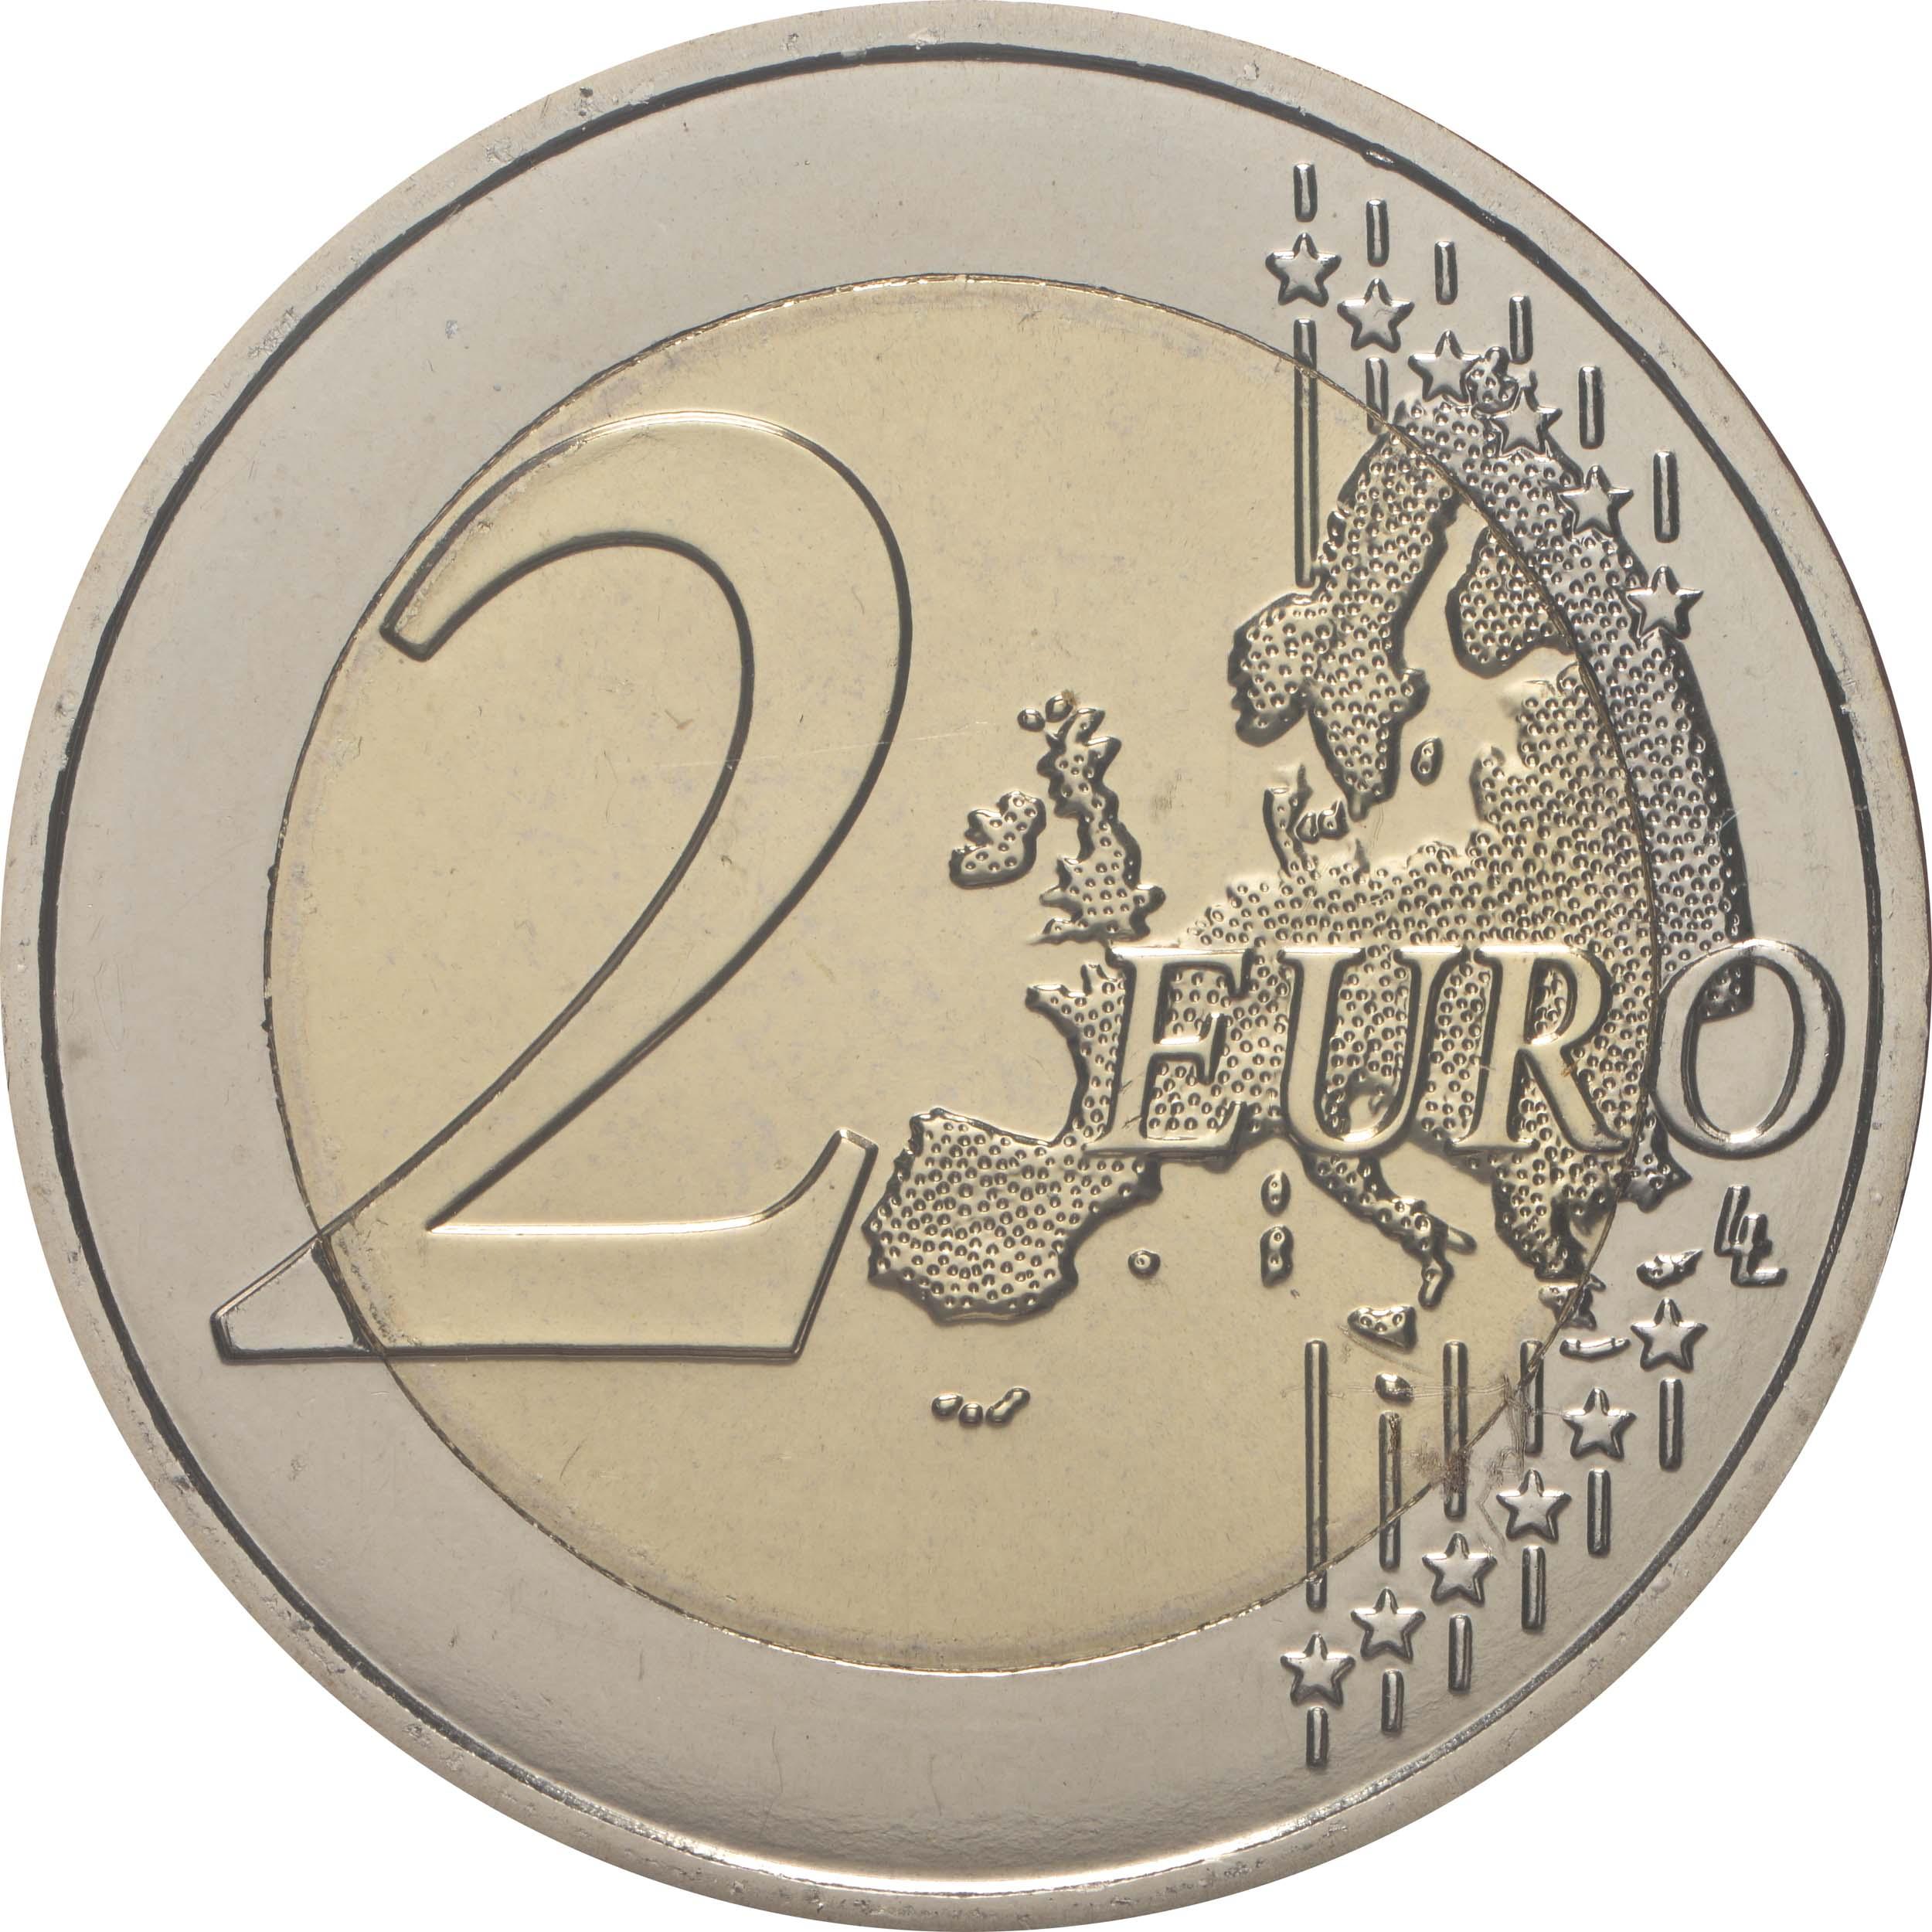 Vorderseite:Frankreich : 2 Euro Läuferin 5 Coincards in den Farben violett, gelb, rot, grün, blau  2021 bfr